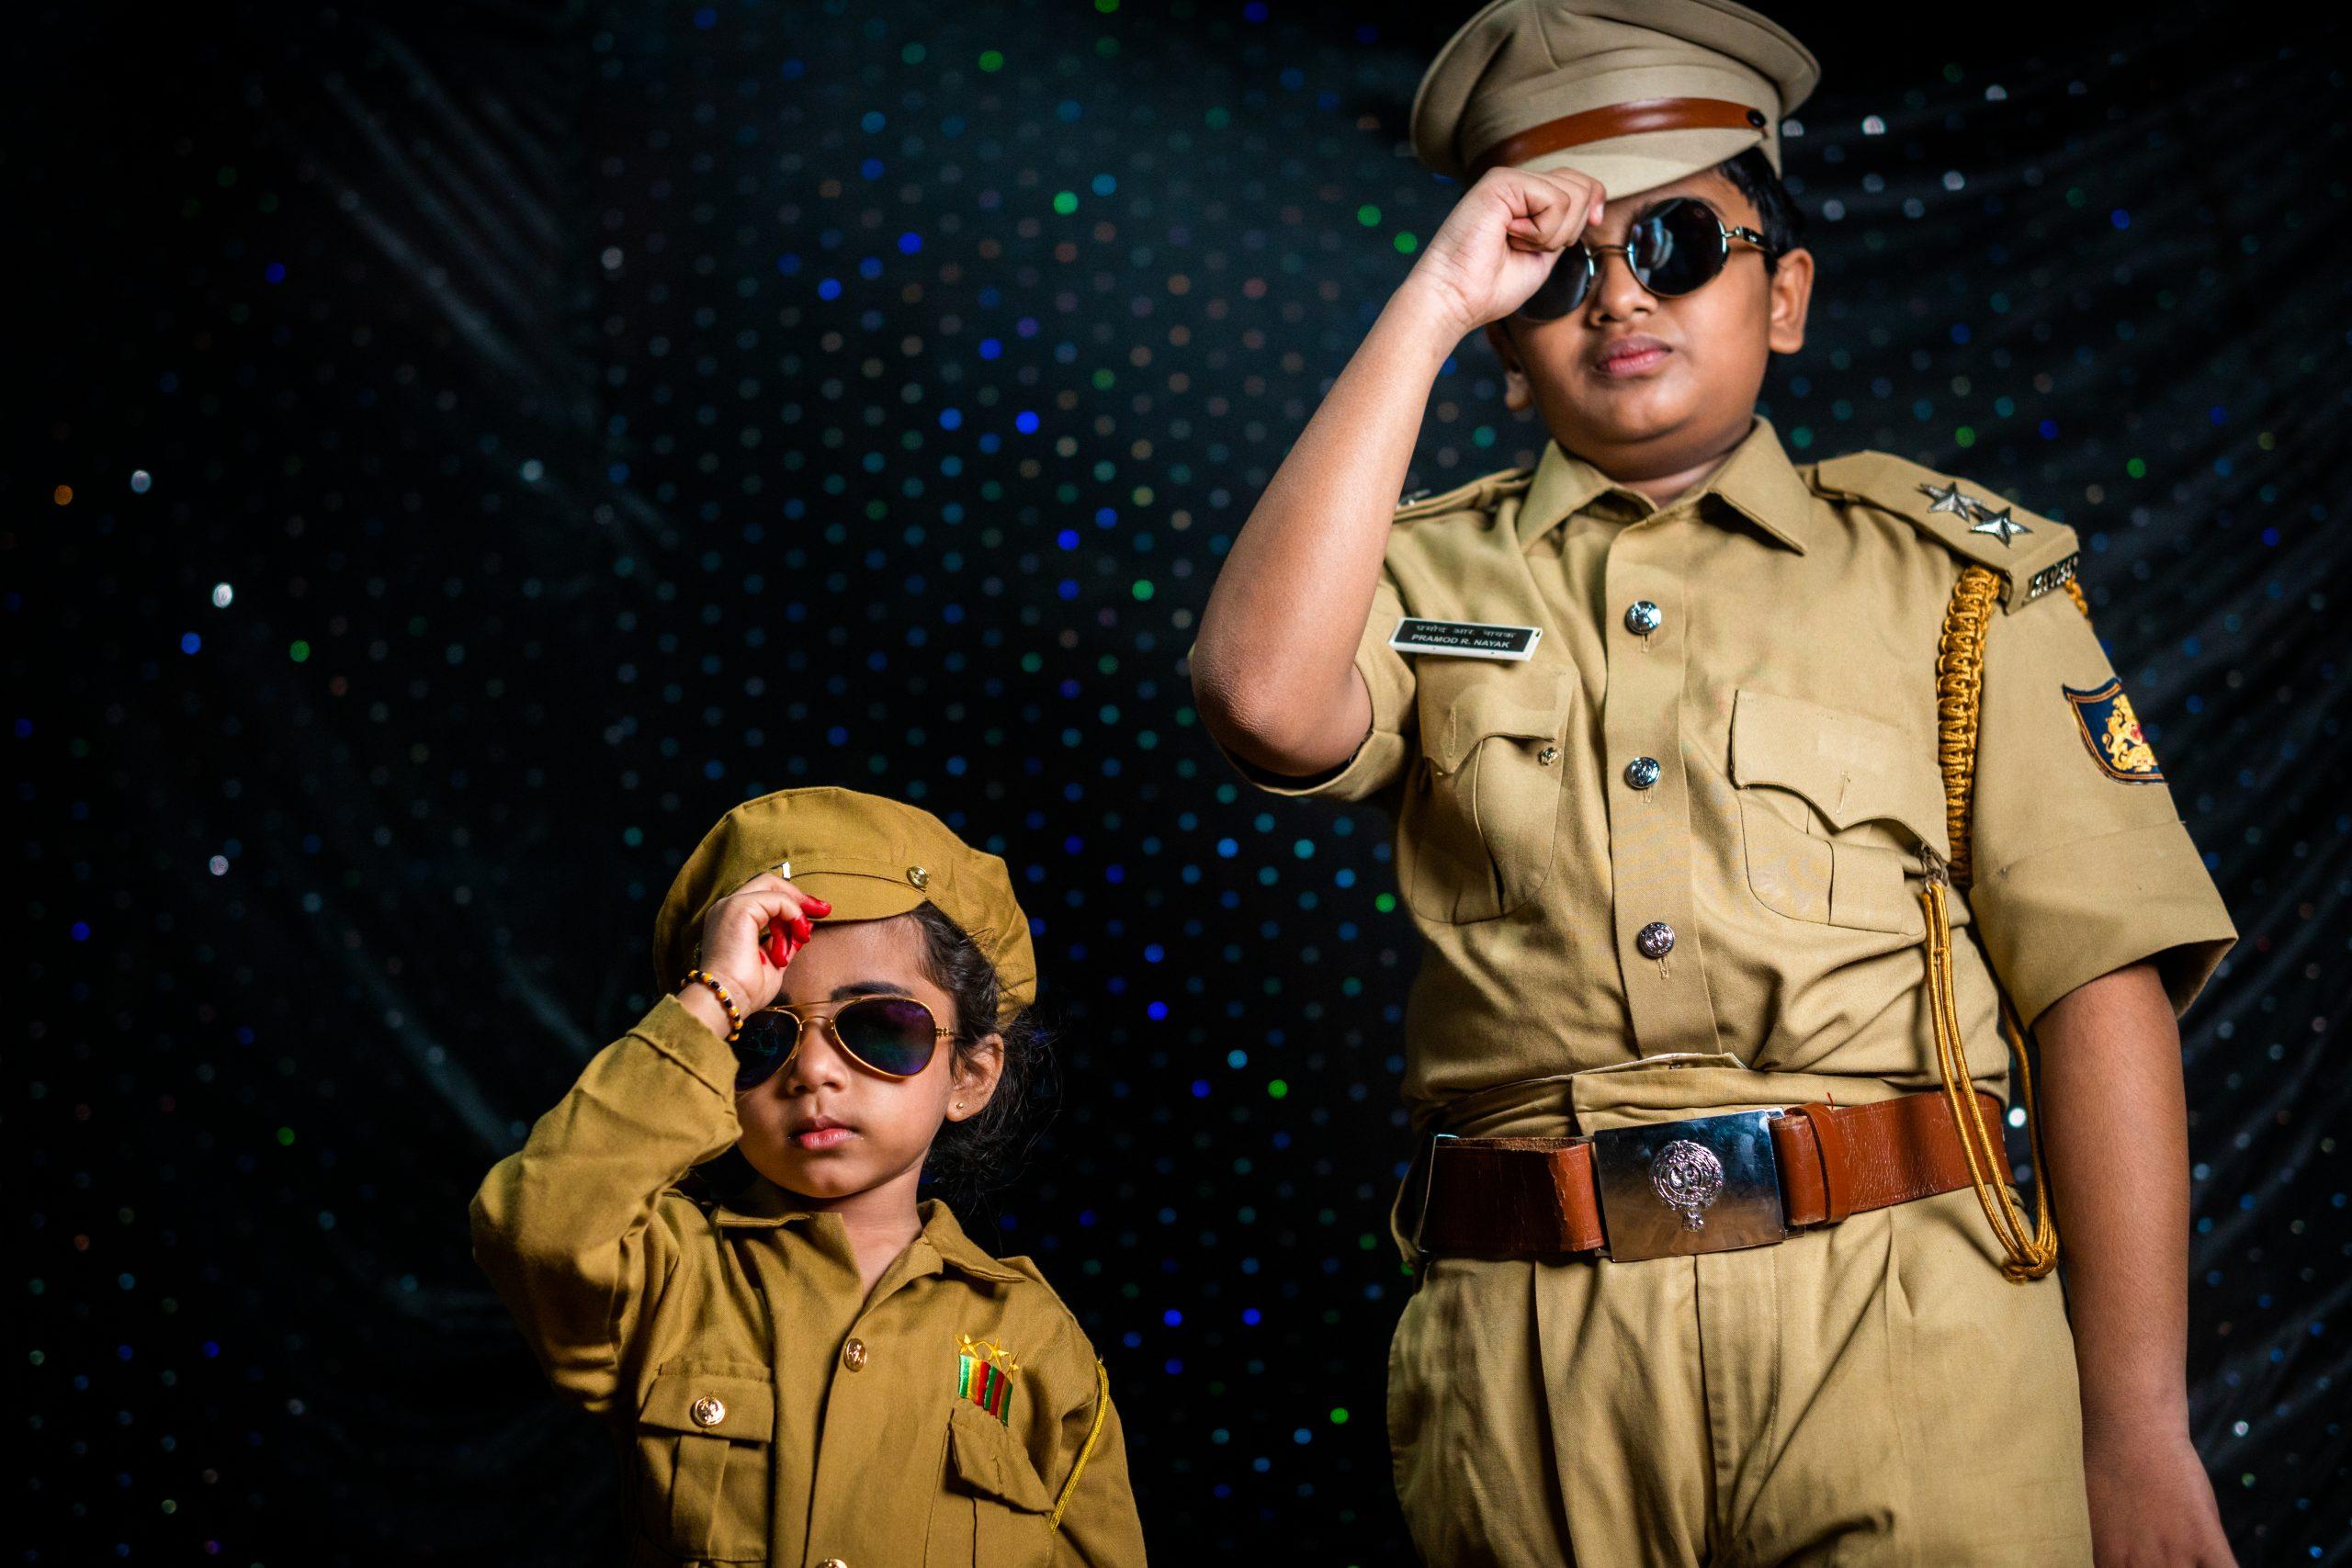 Kids in police dress